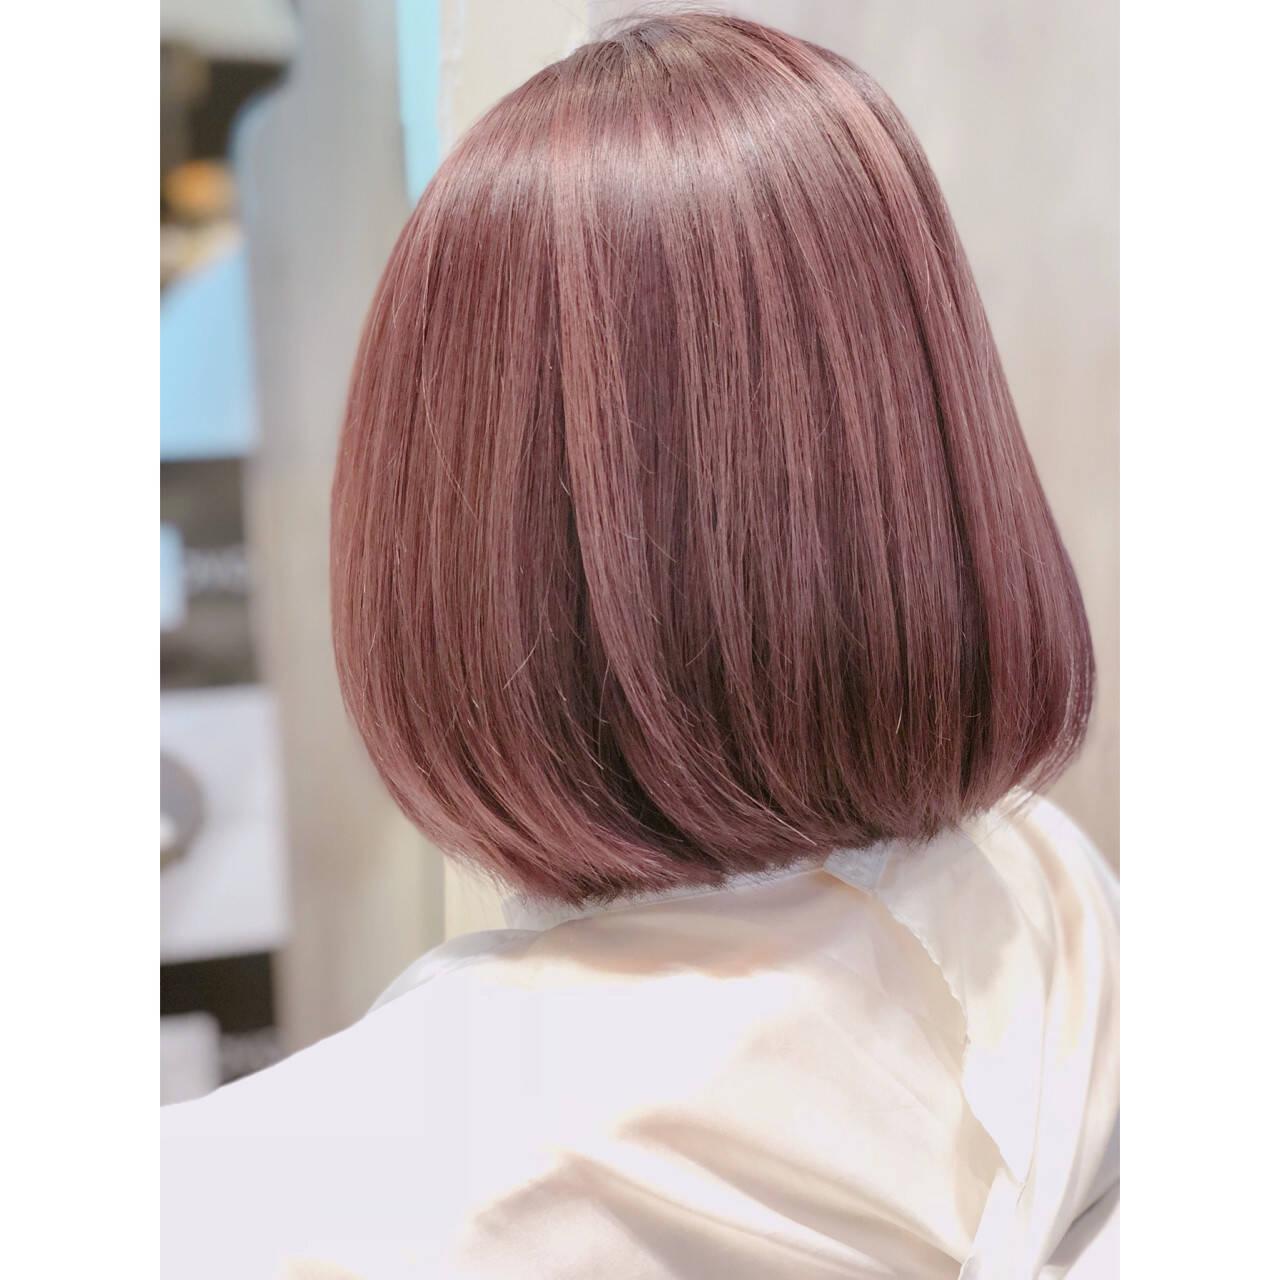 ラベンダーピンク グレージュ ボブ 大人かわいいヘアスタイルや髪型の写真・画像